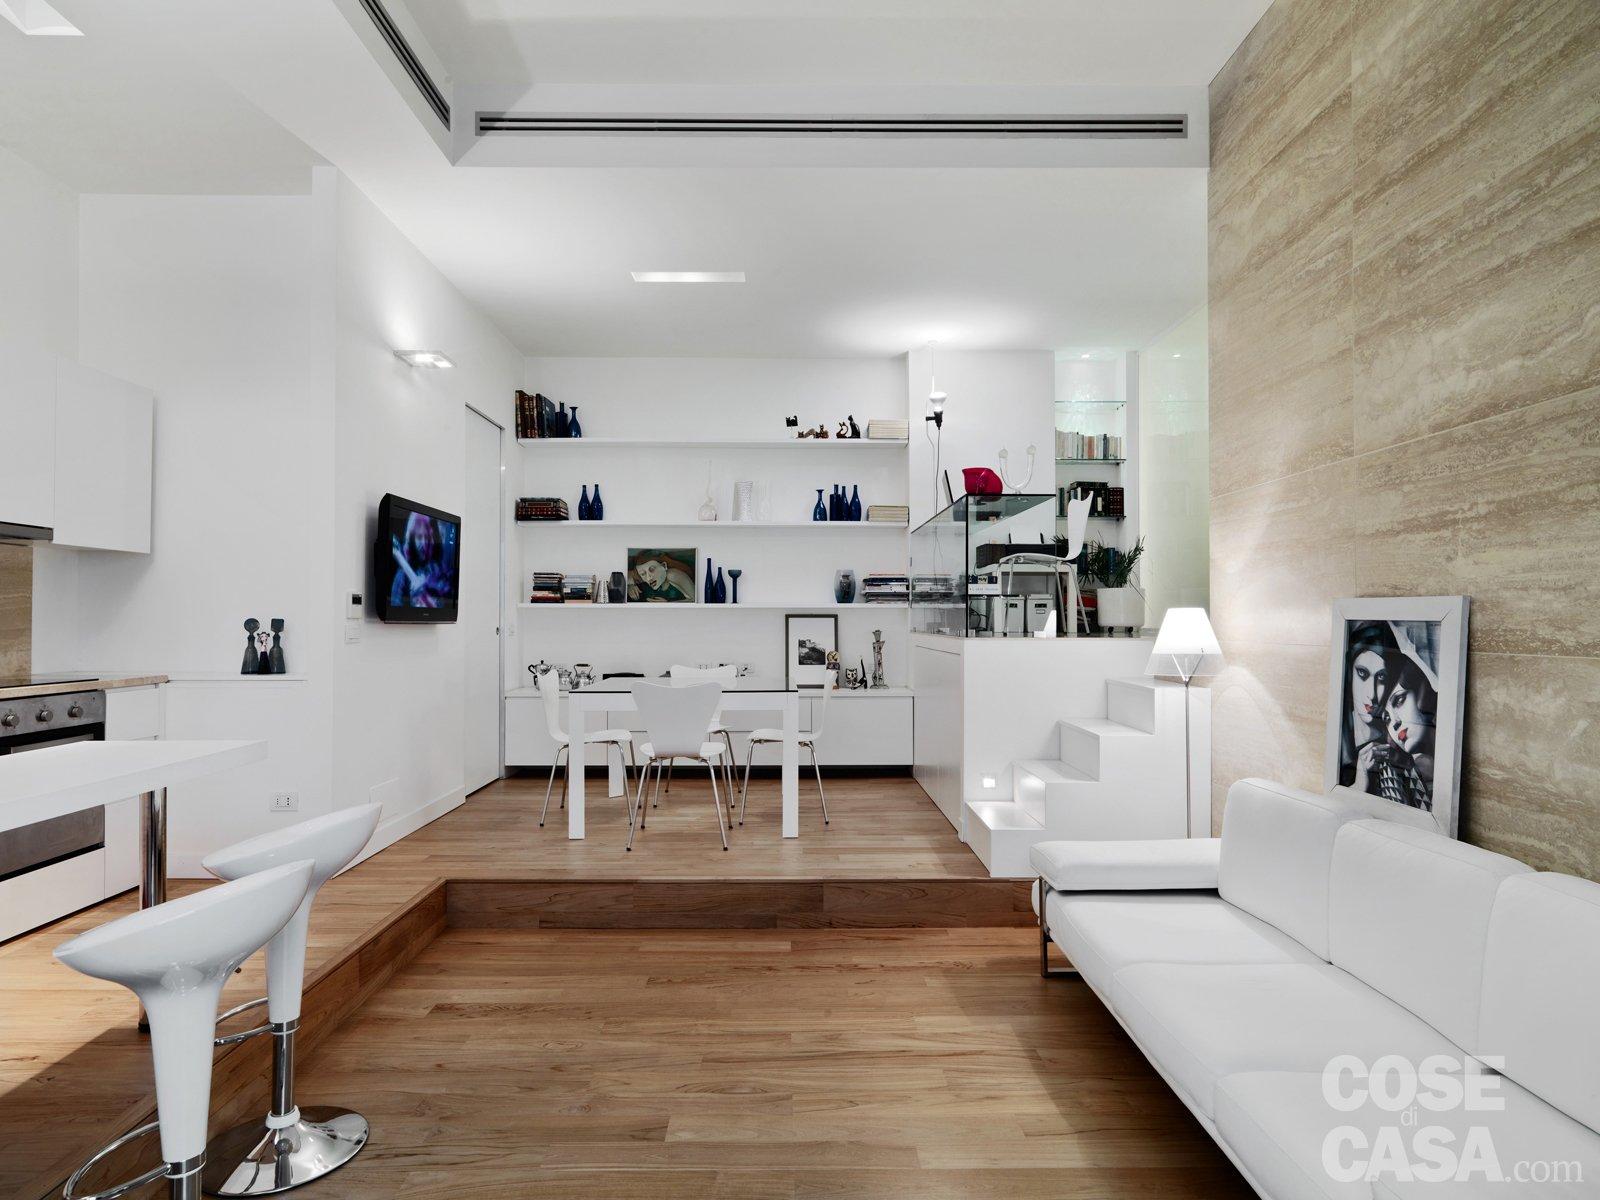 58 mq una casa sviluppata su pi livelli cose di casa - Casa in comproprieta e diritto di abitazione ...